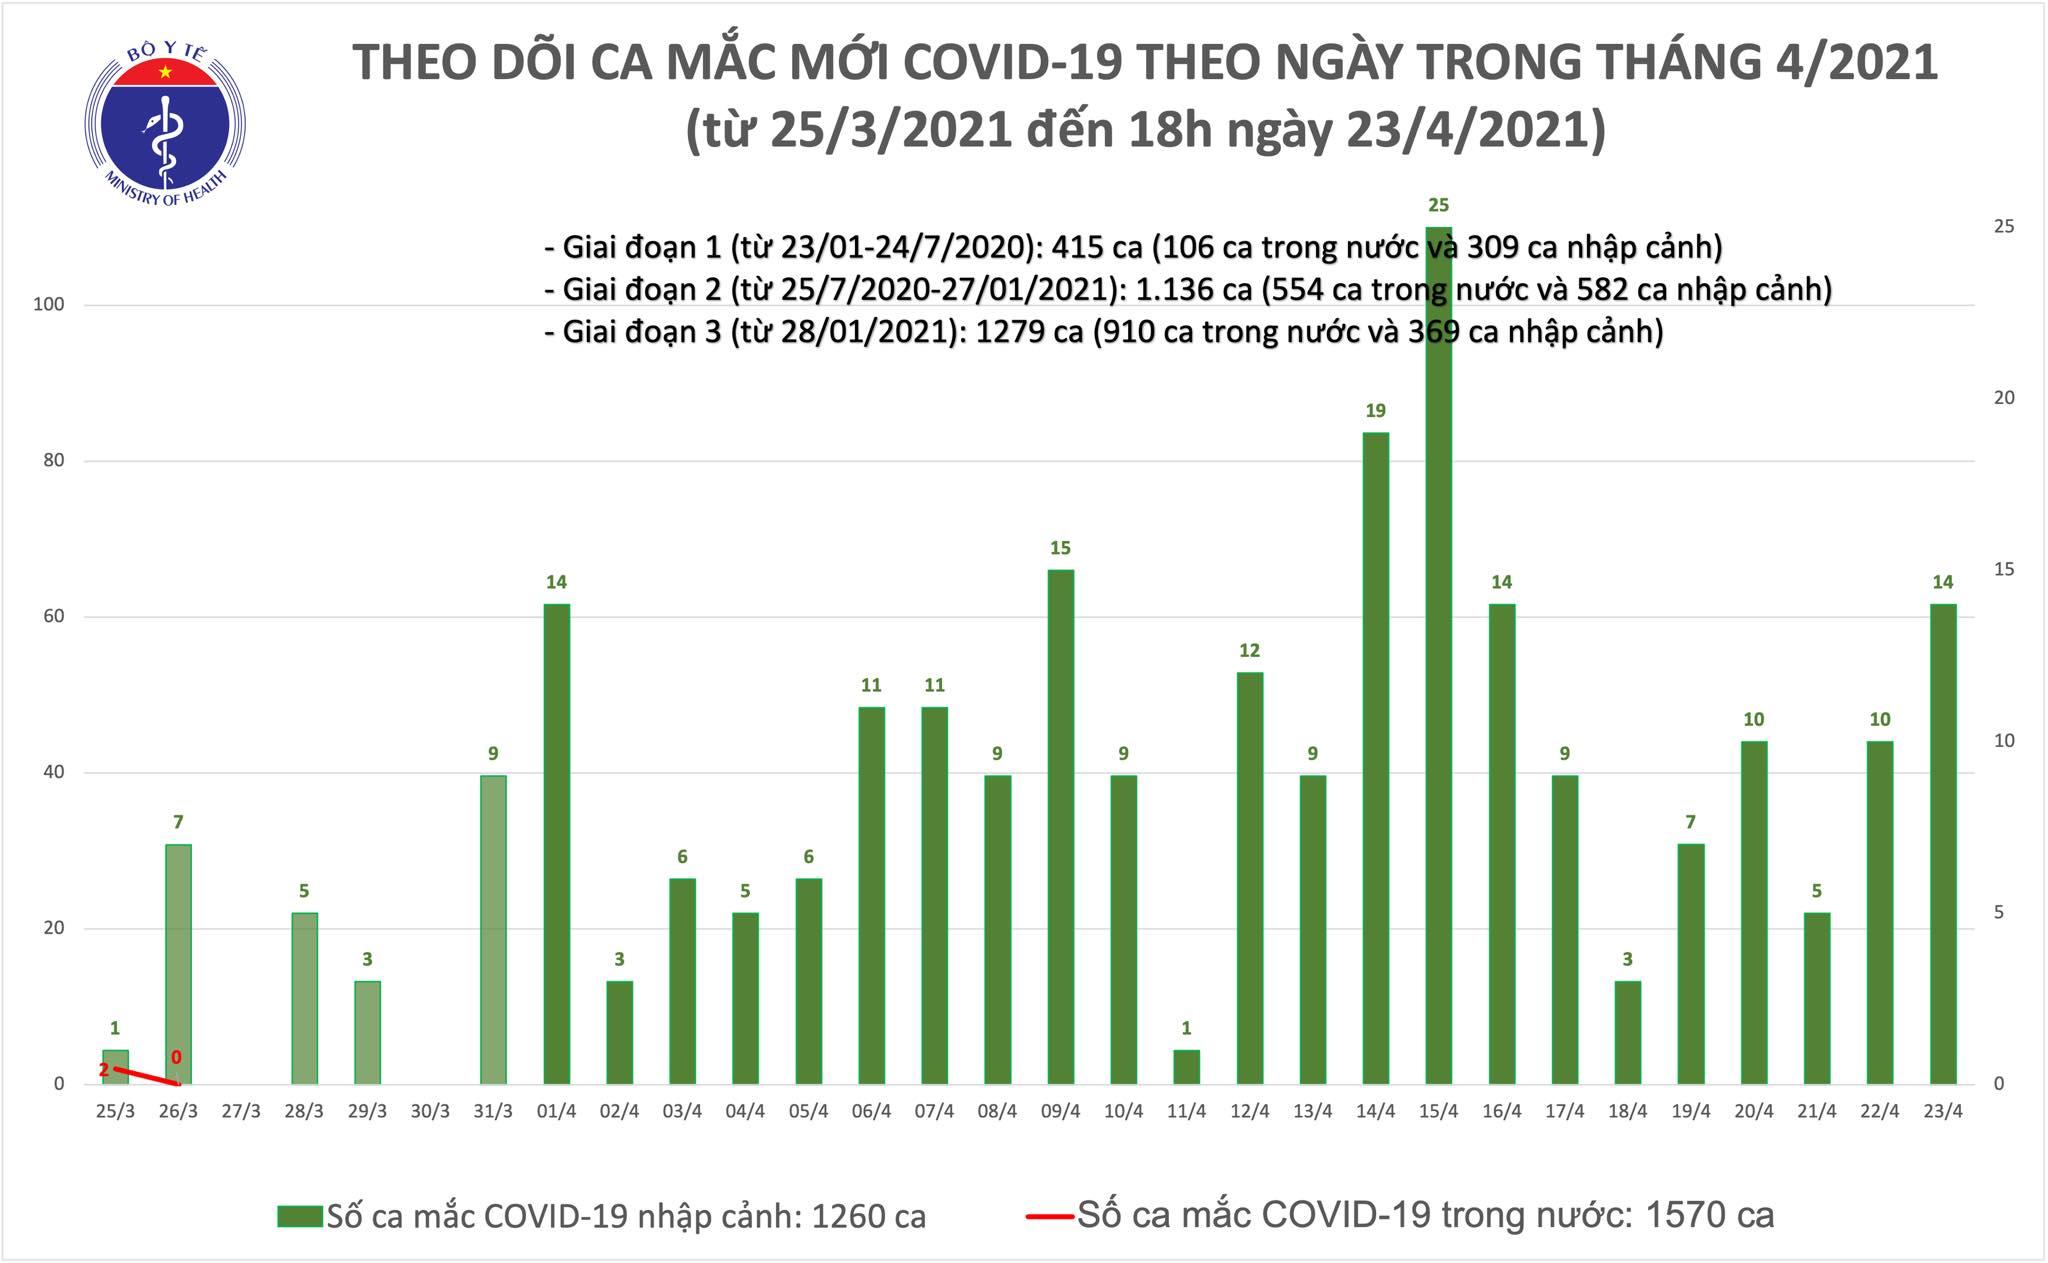 Chiều 23/4: Thêm 6 ca mắc COVID-19 tại An Giang và 4 địa phương khác